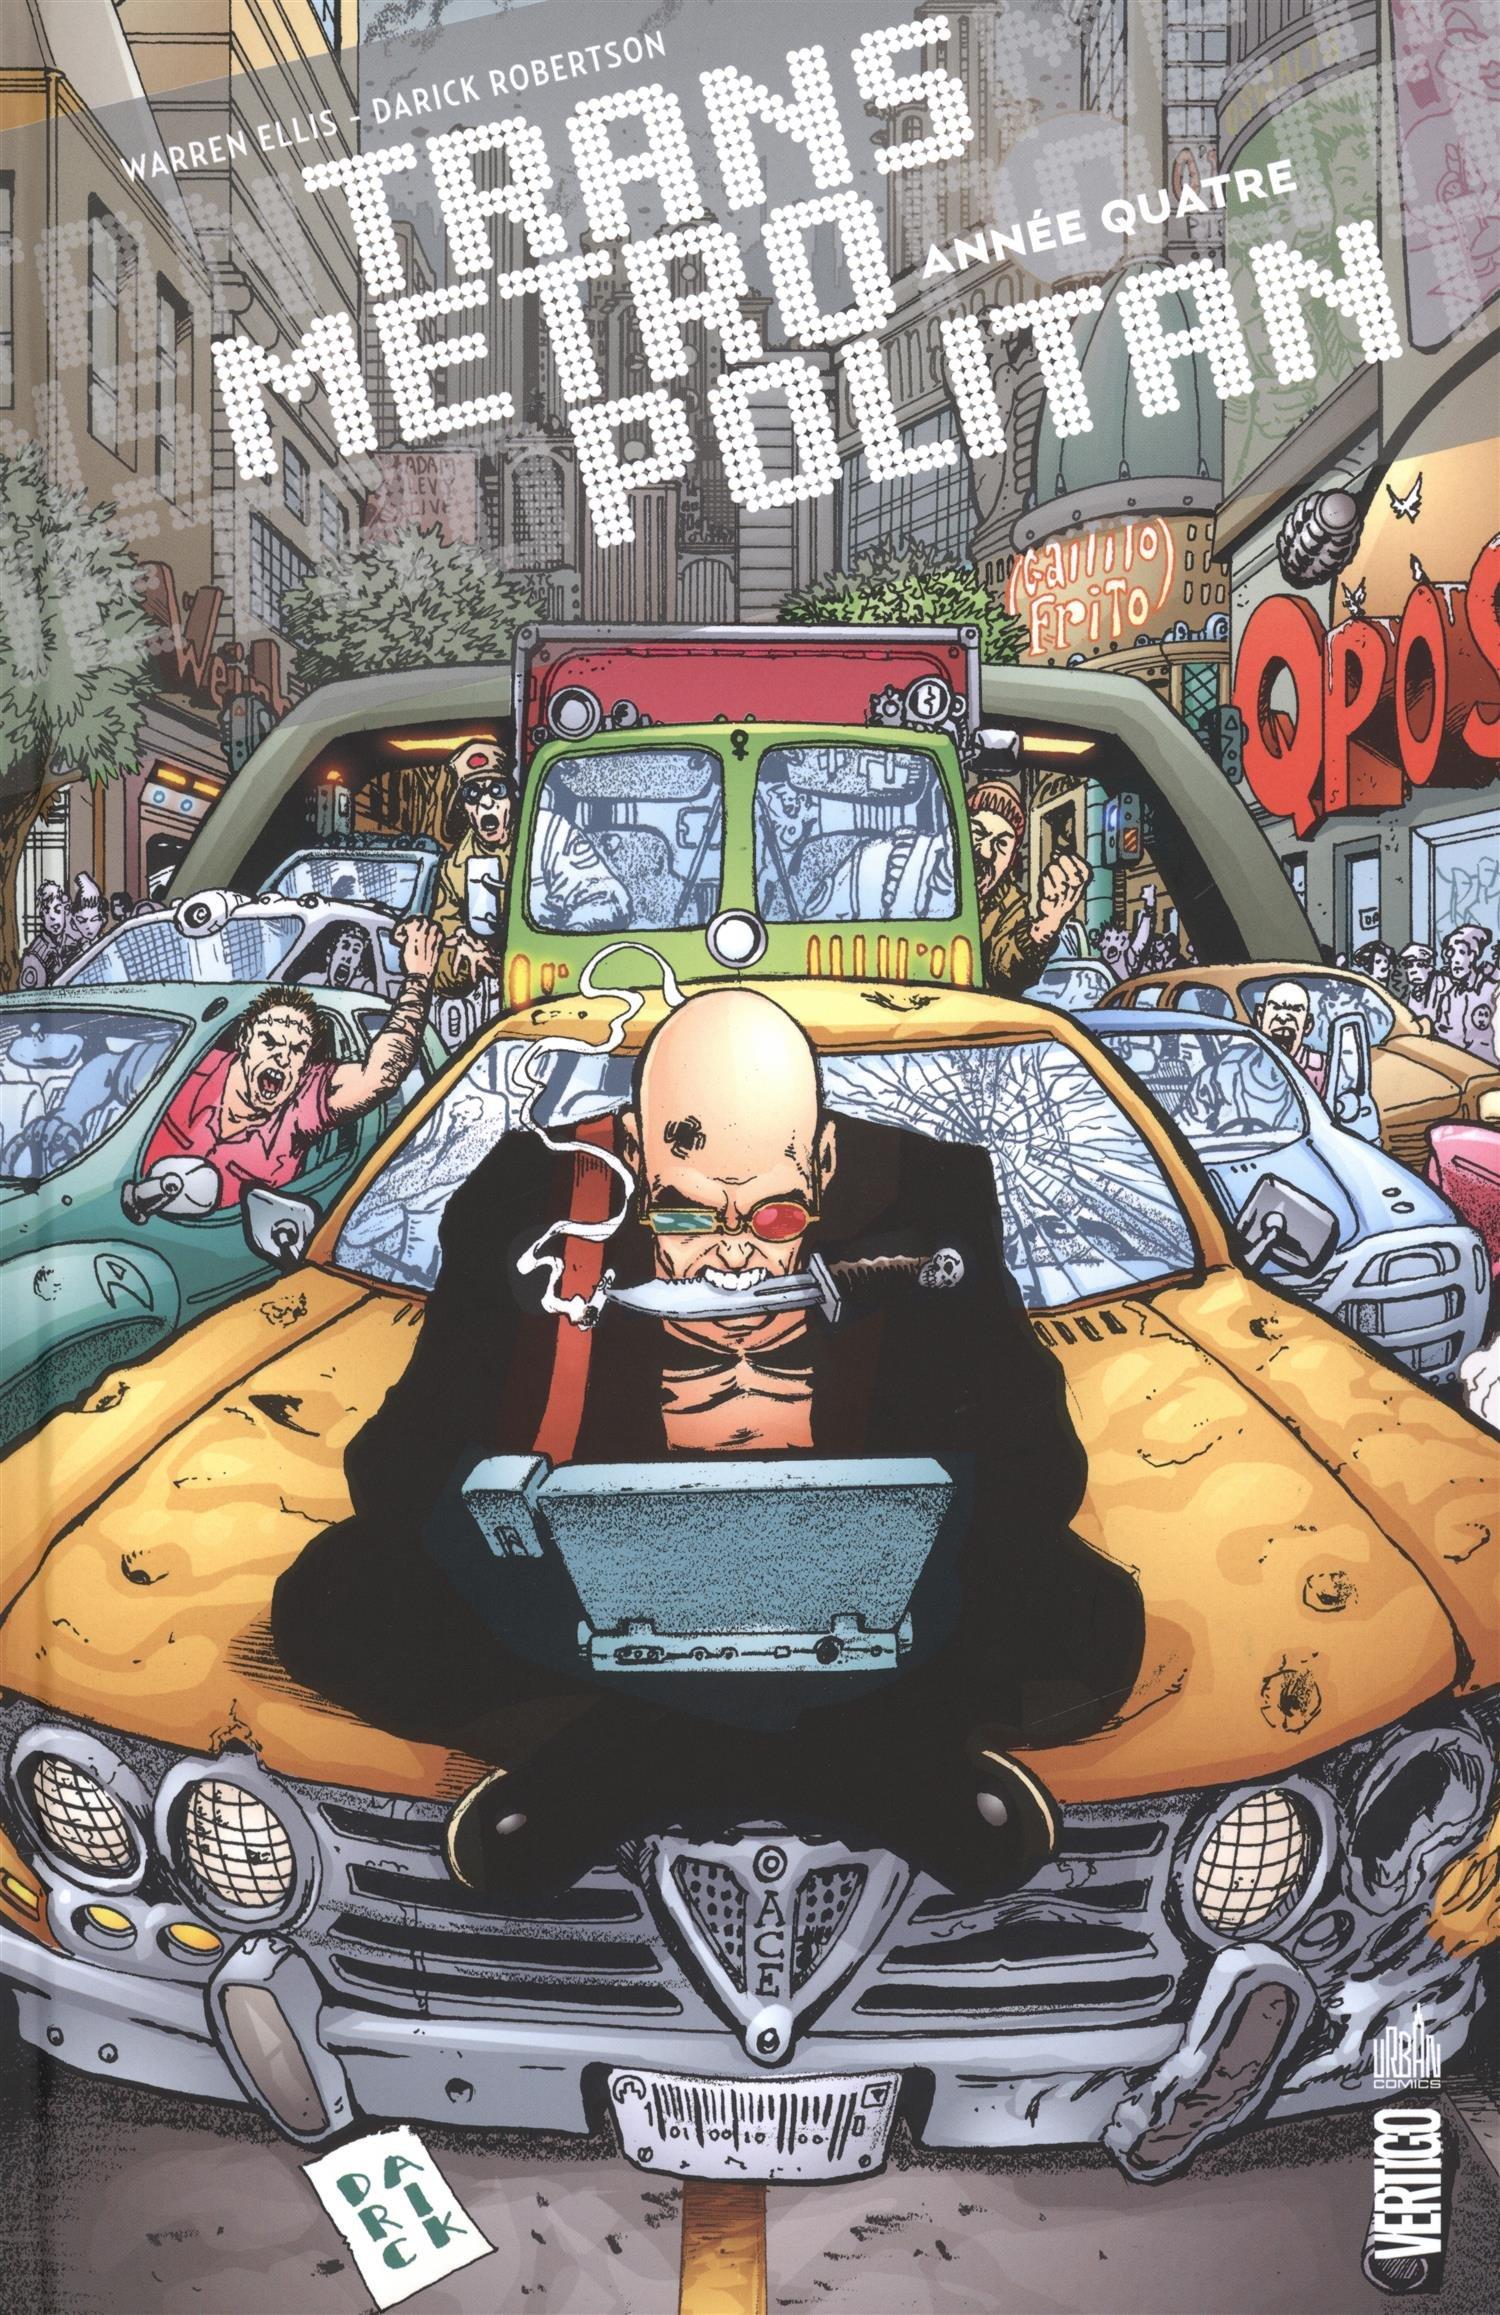 TRANSMETROPOLITAN tome 4 Album – 19 juin 2015 Ellis Warren Robertson Darick Urban Comics 2365776620